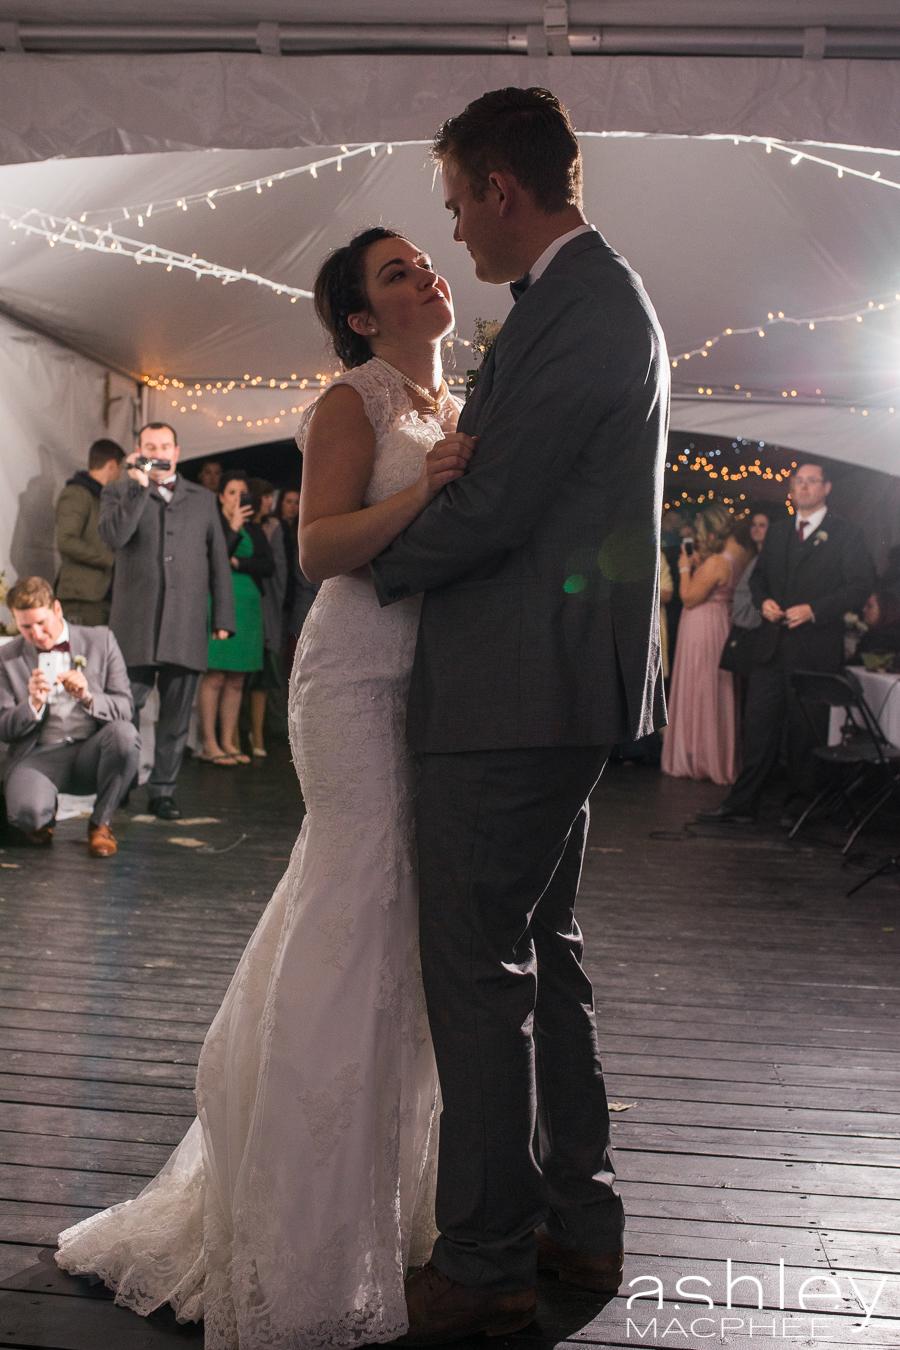 Ashley MacPhee Photography Mont Tremblant Wedding Photographer (67 of 92).jpg